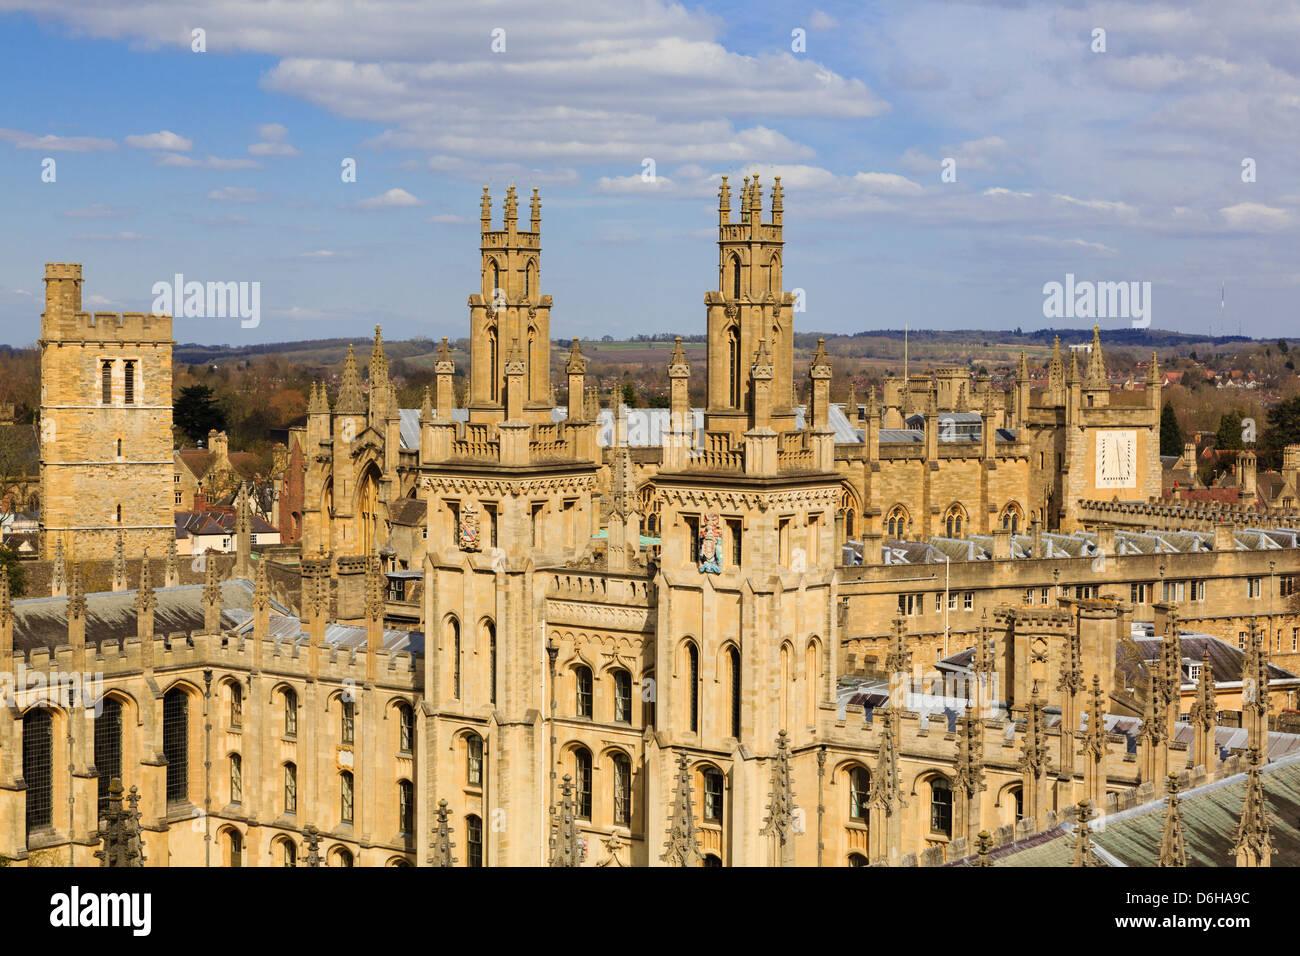 High view de Hawksmoor tours de All Souls College, l'université tous les fellows. Oxford, Oxfordshire, Photo Stock